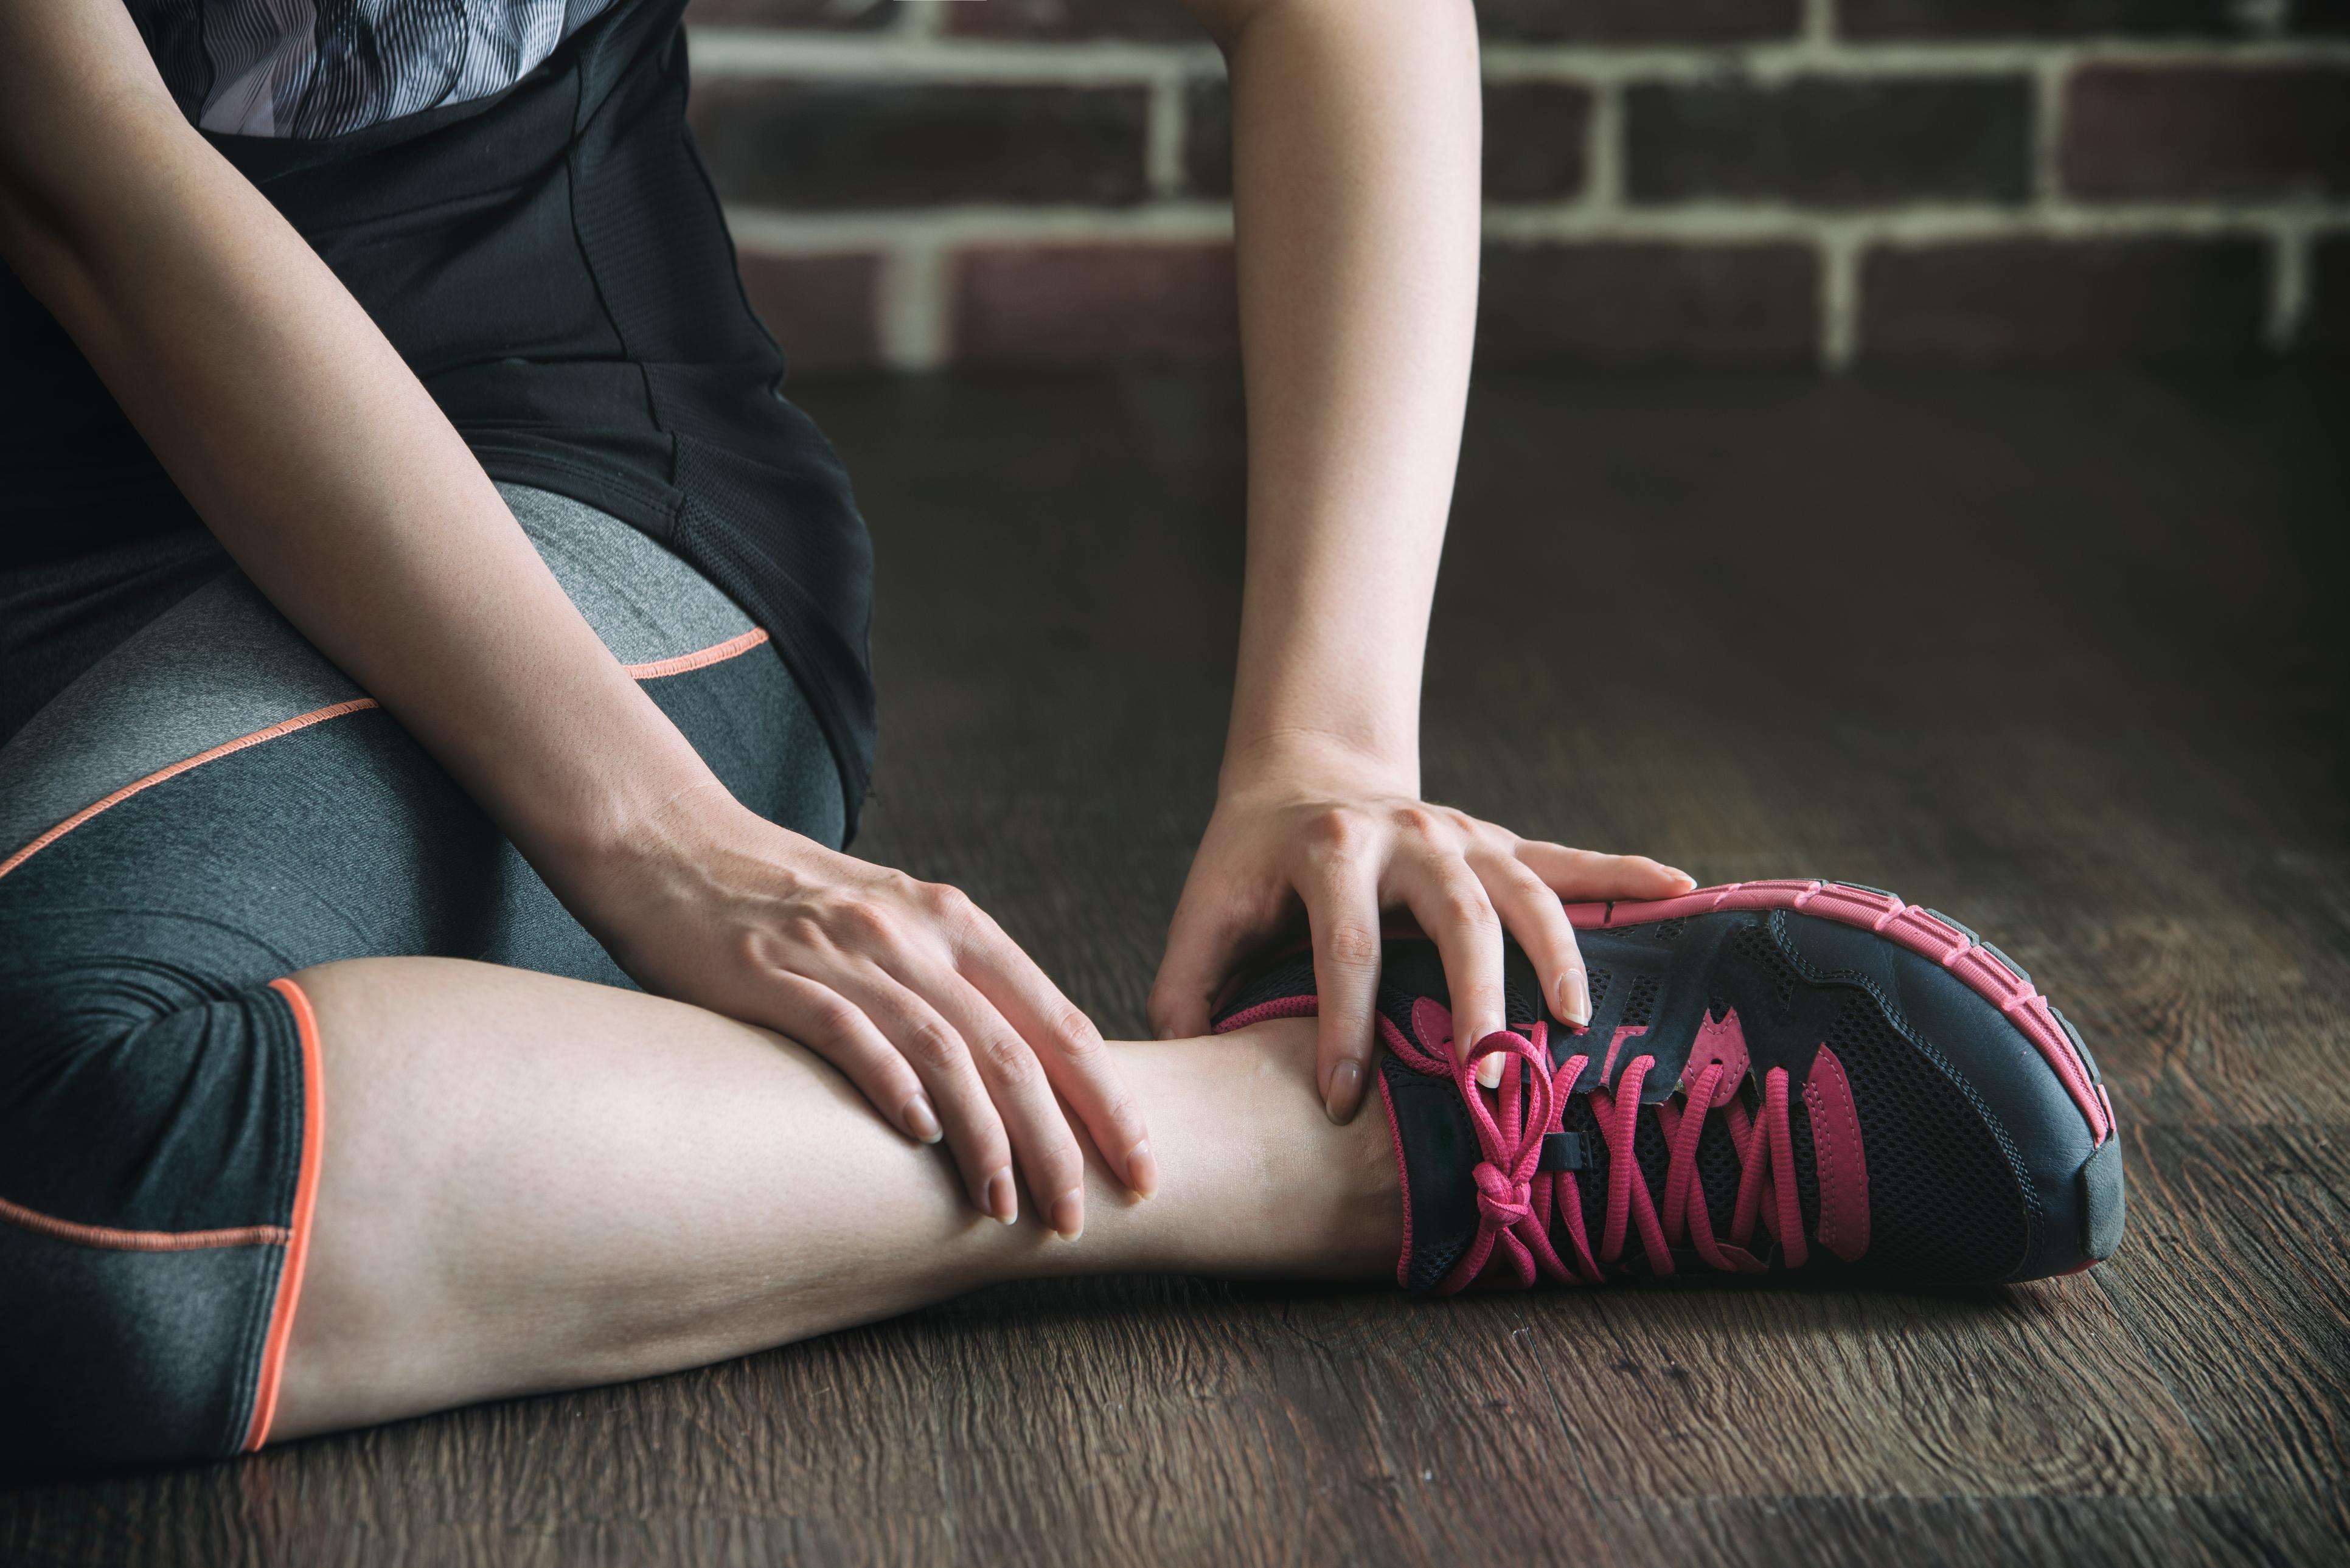 Remedios para aliviar el dolor de espalda rodilla y cadera